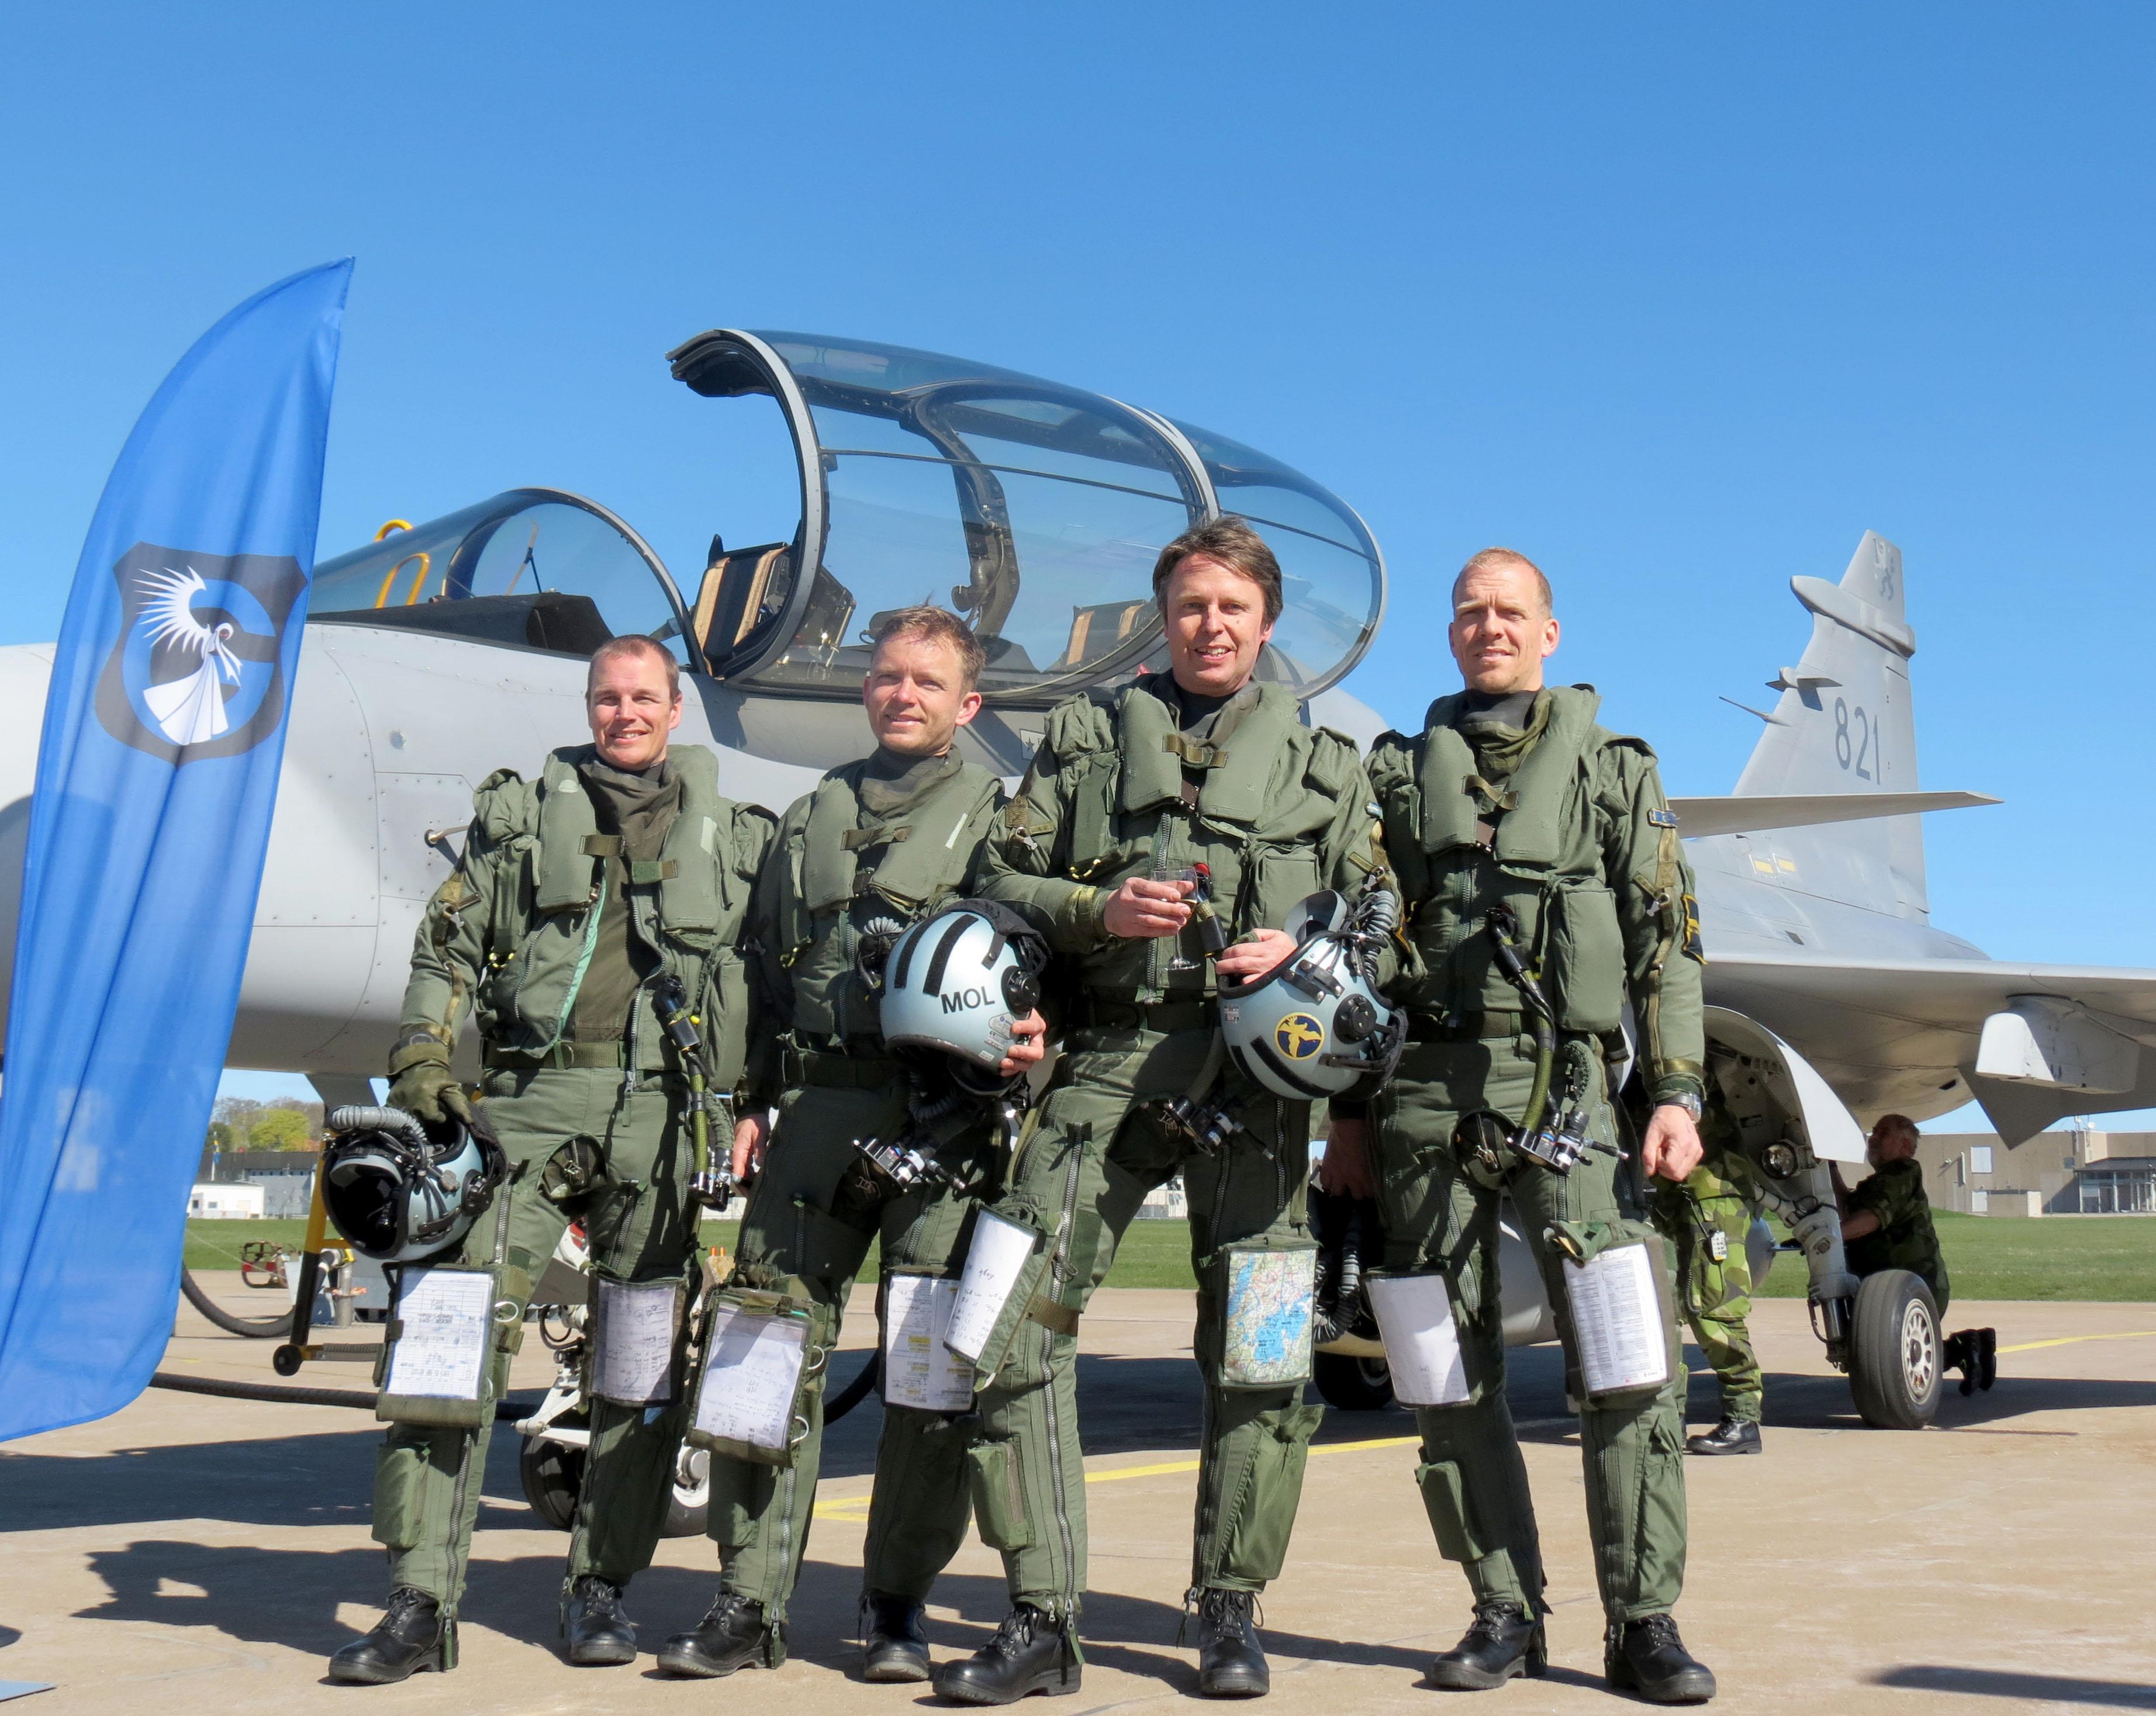 Förarna i gruppen som flög det sista passet. Fr v Patrik Svensson, Erik Molund, Micael Nilsson och Torbjörn Carlsson. (Foto: Göran Jacobsson)